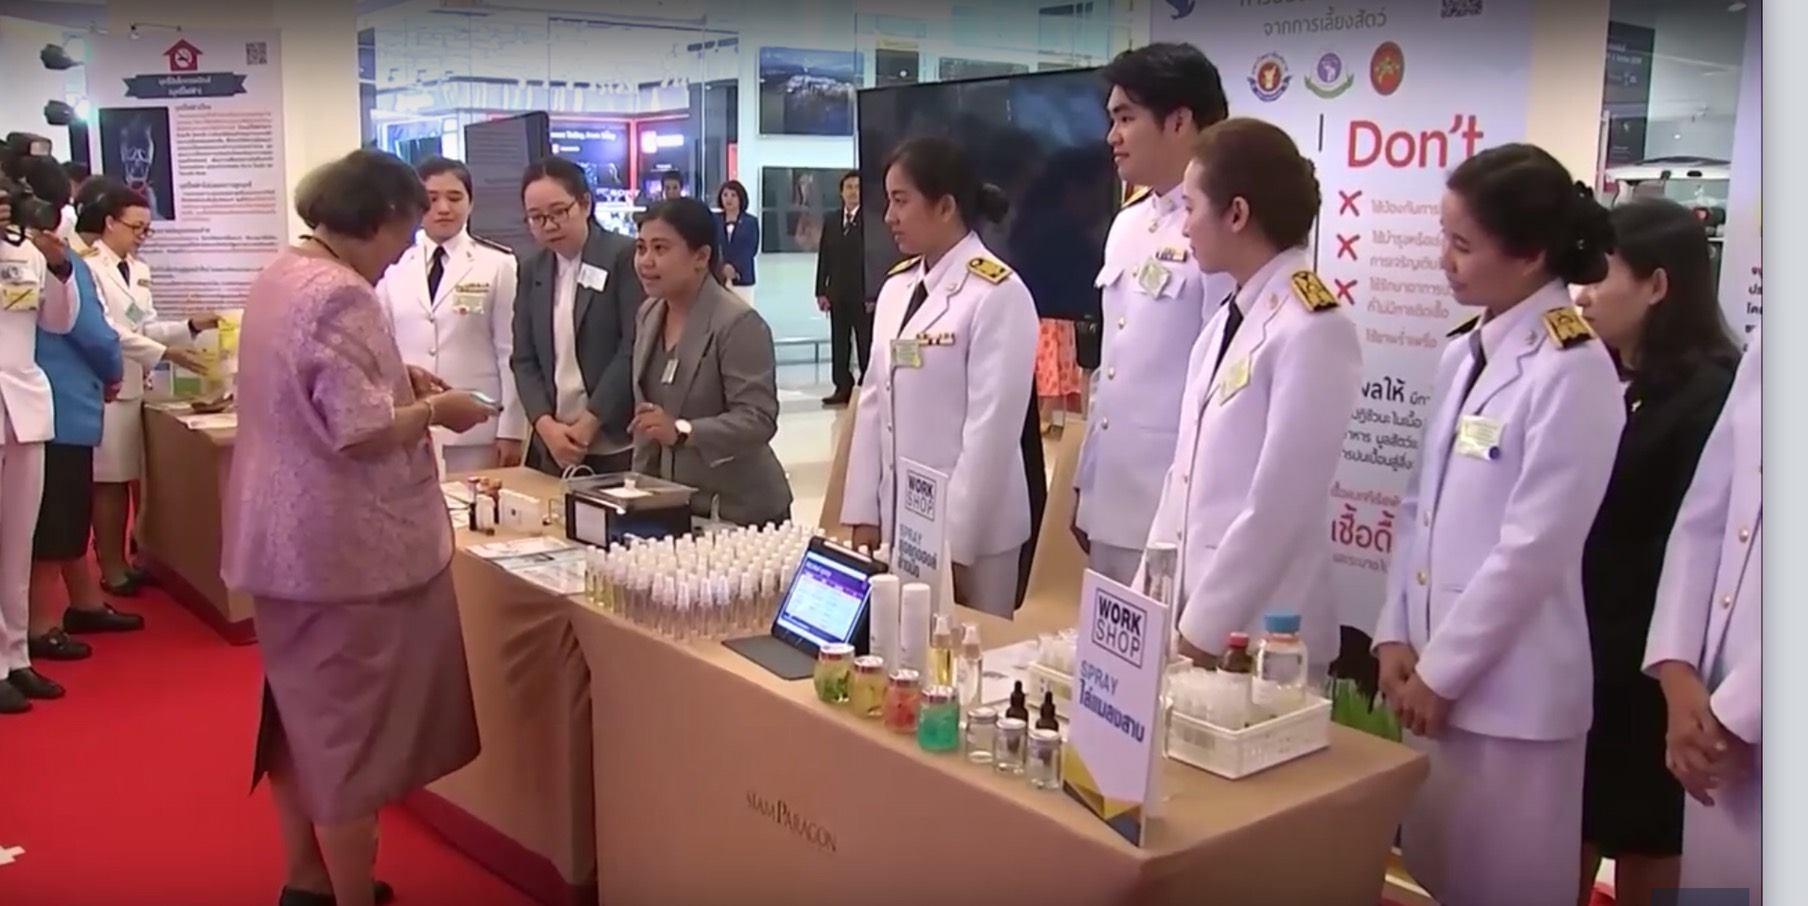 """นิทรรศการ """"สมเด็จฯพระบรมราชชนกกับการสาธารณสุขไทย: สุขภาพกับสิ่งแวดล้อม"""""""